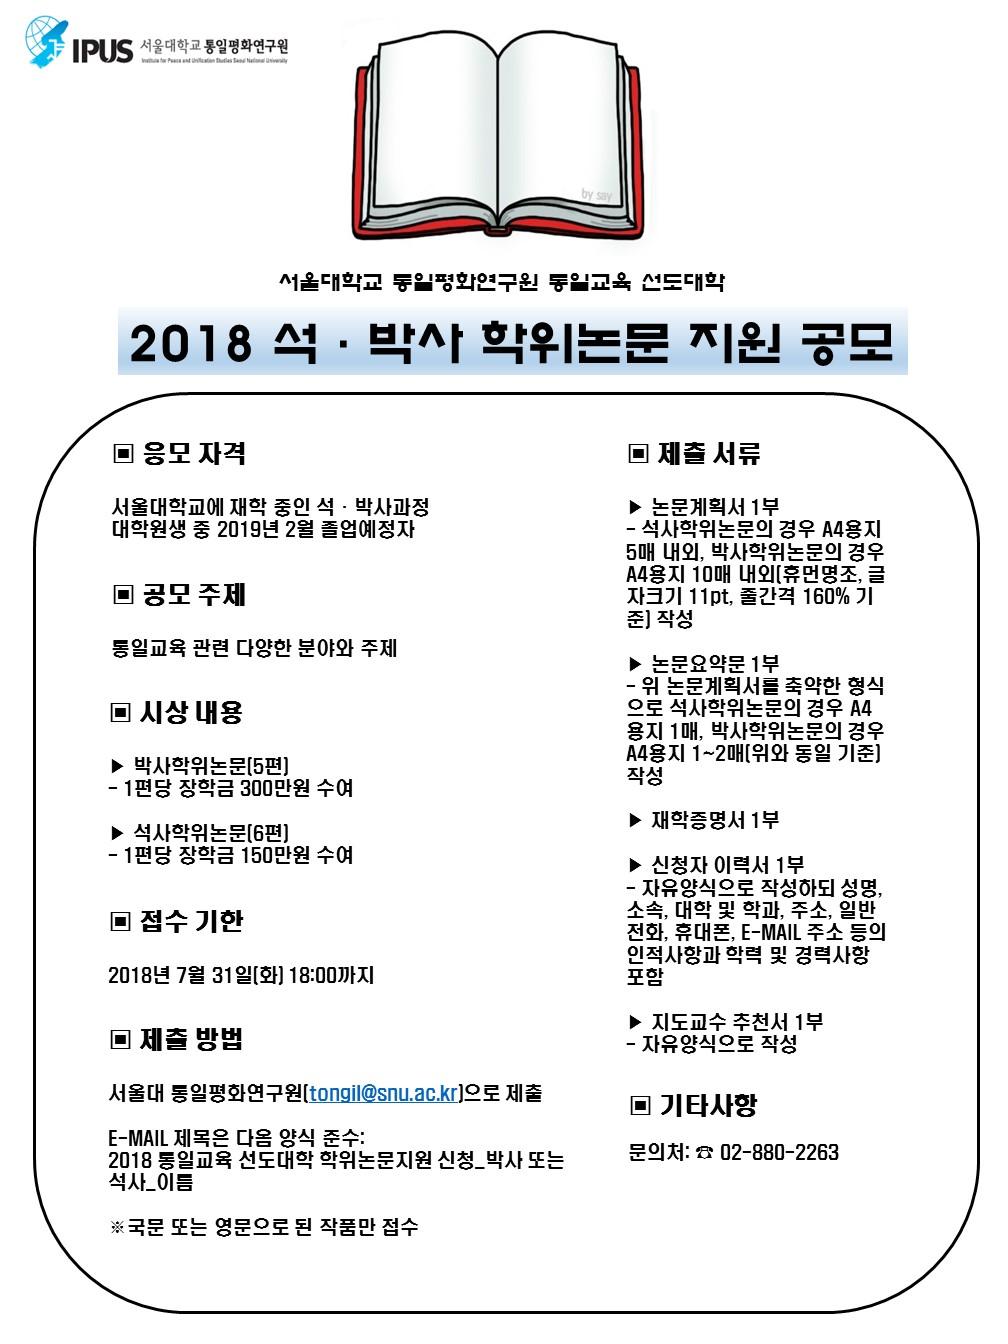 서울대학교통일평화연구원_2018 석박사학위논문지원공고.jpg